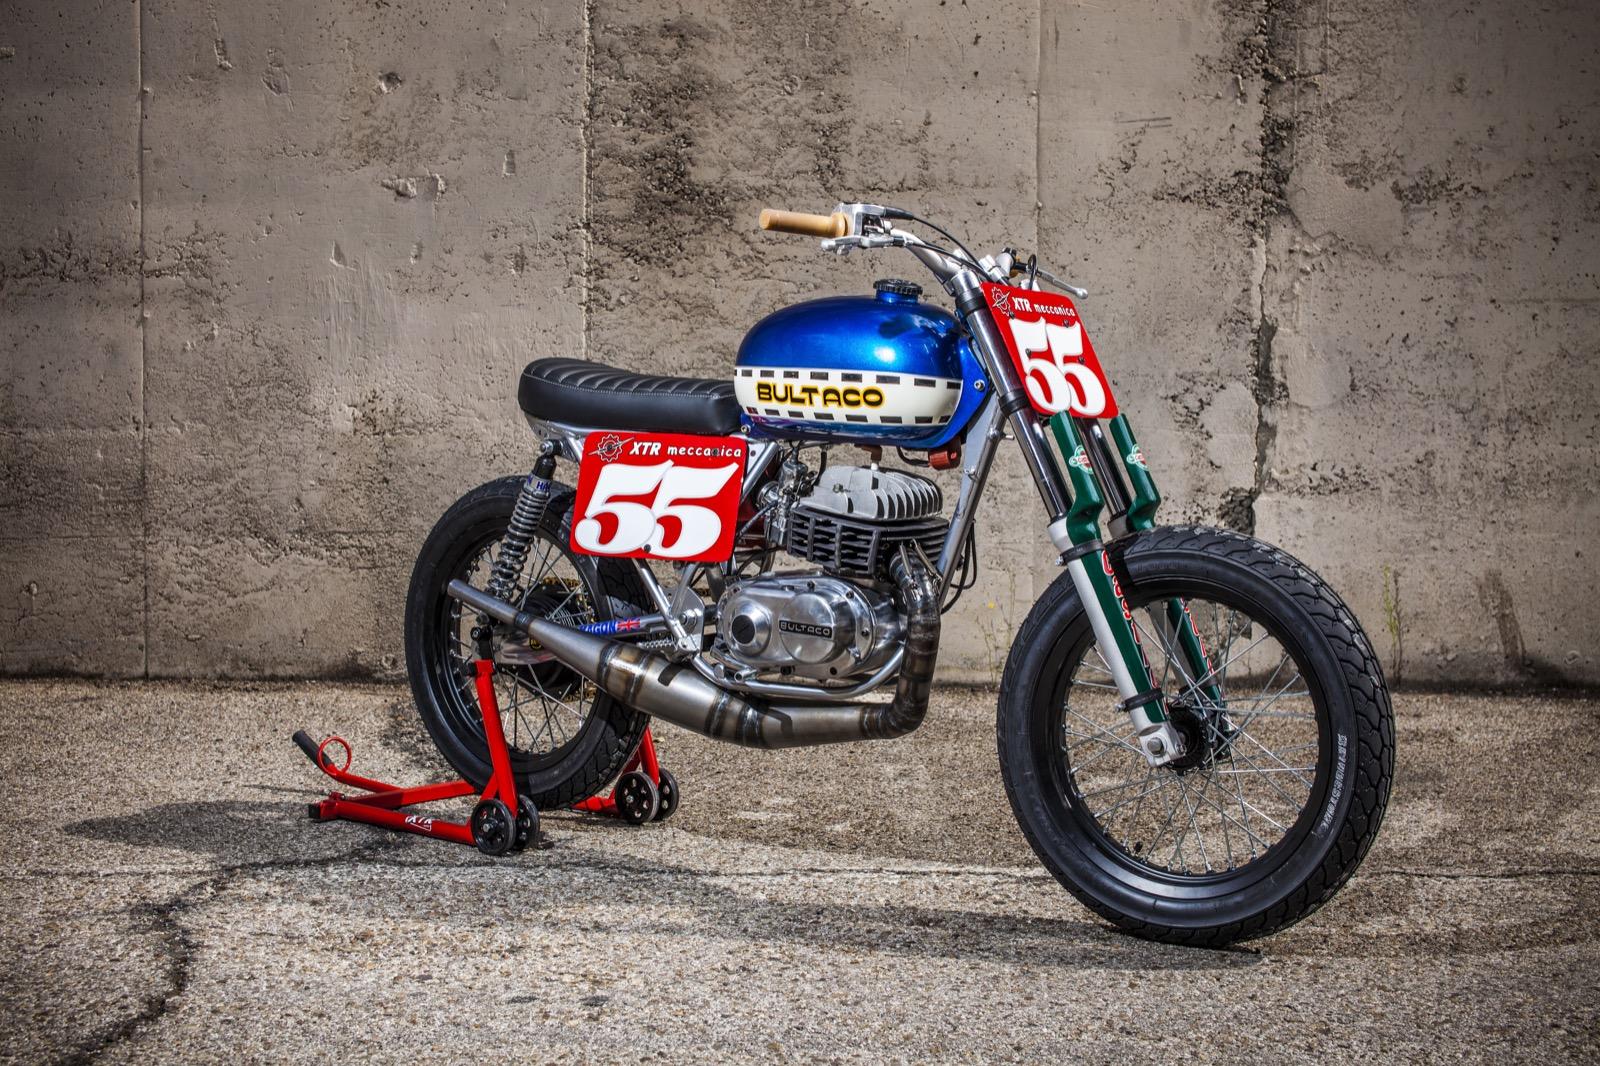 Bultaco Lobito 125 MK7 por XTR